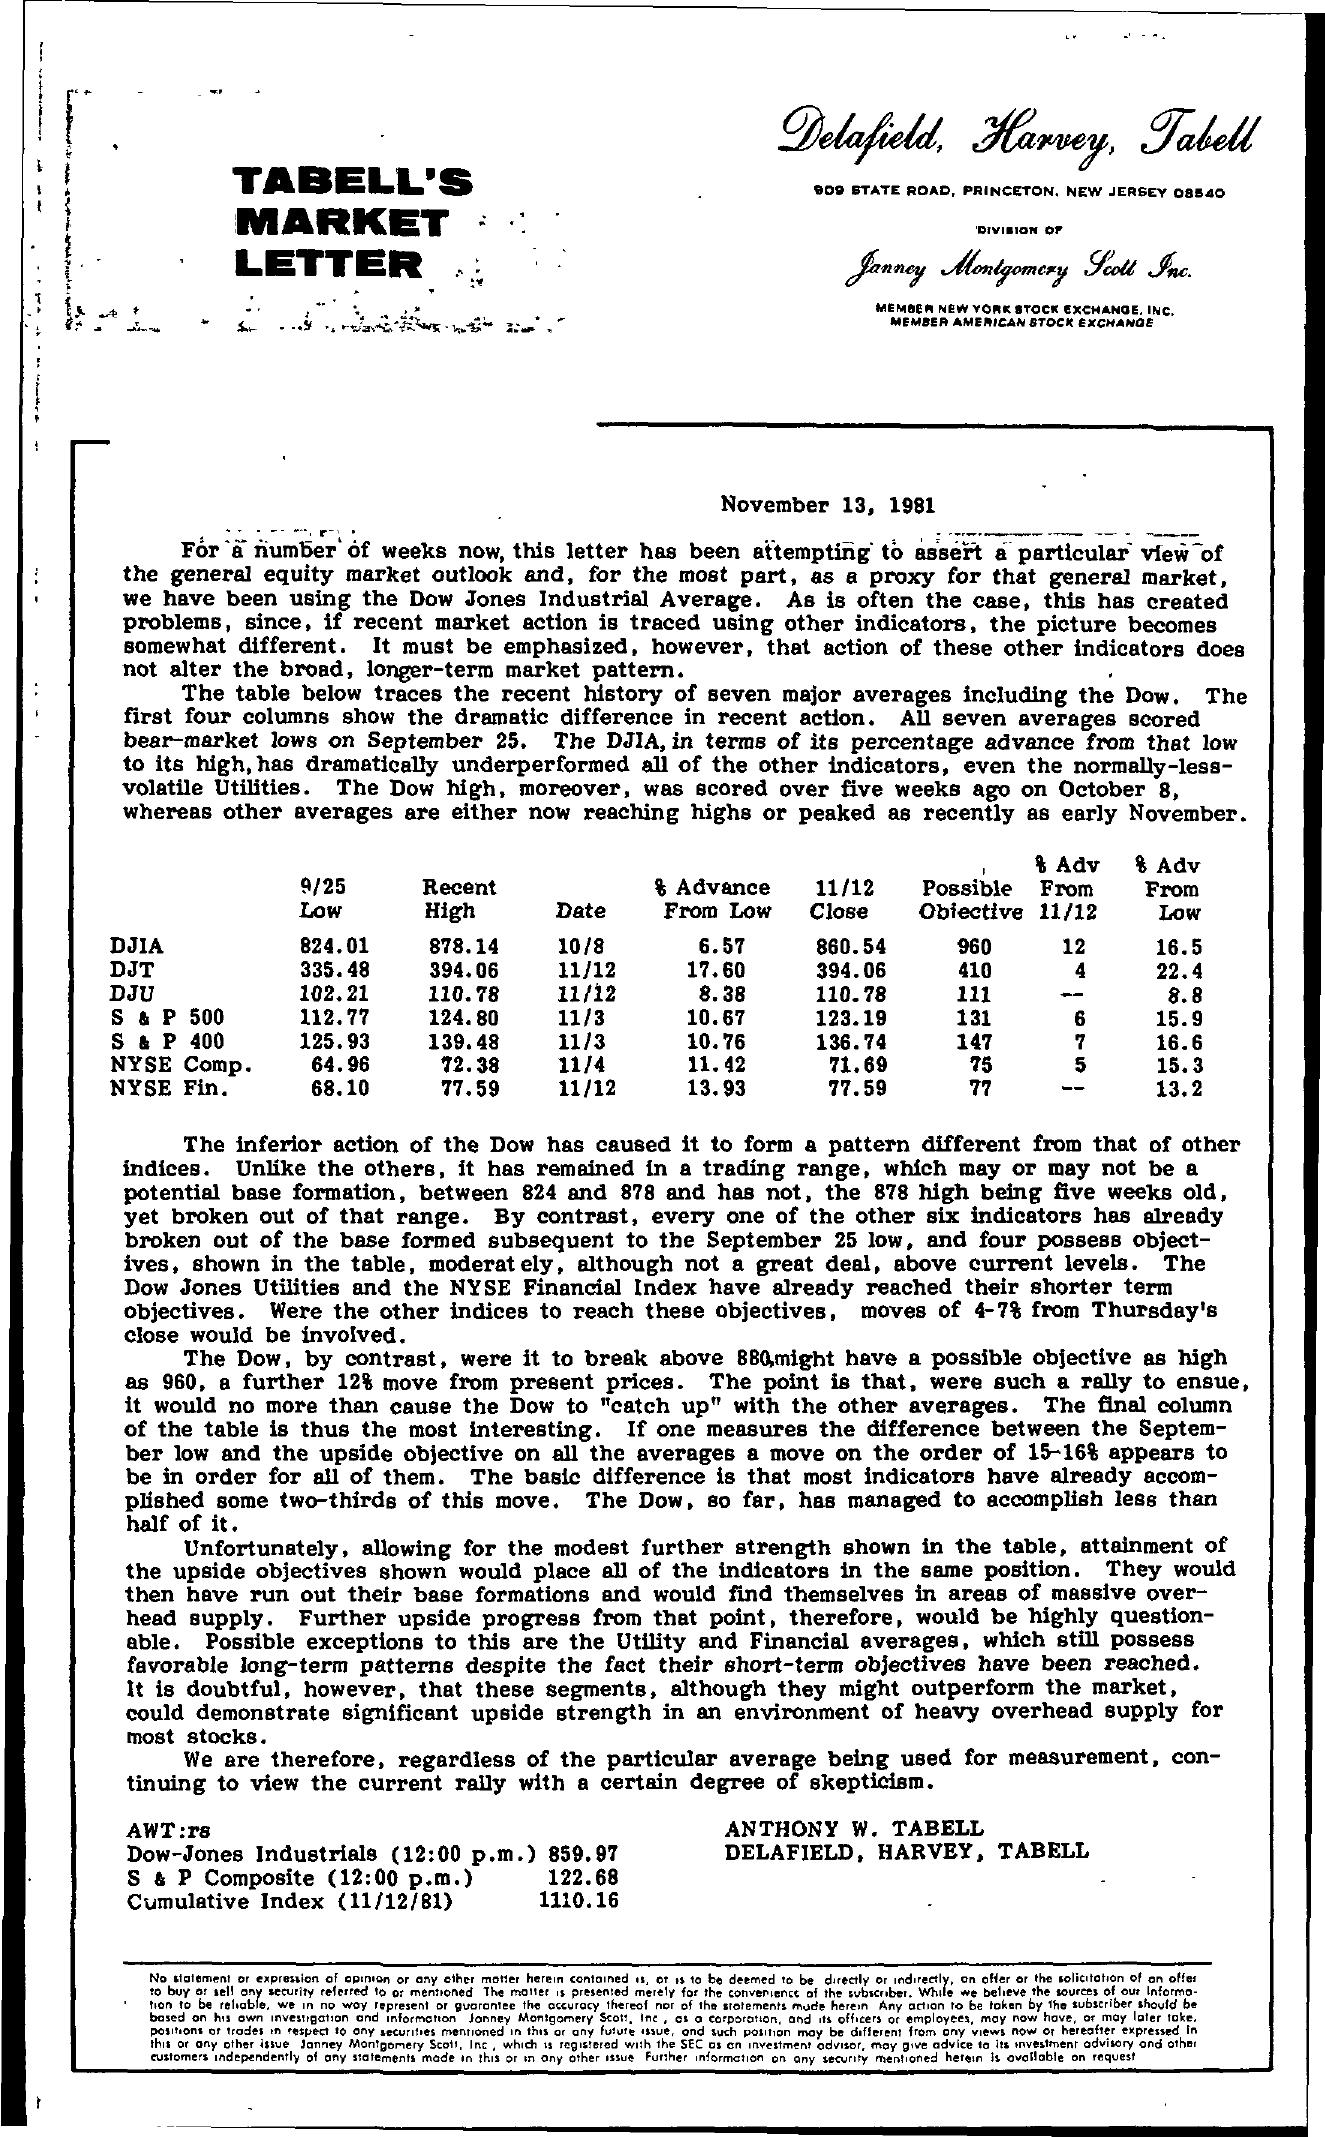 Tabell's Market Letter - November 13, 1981